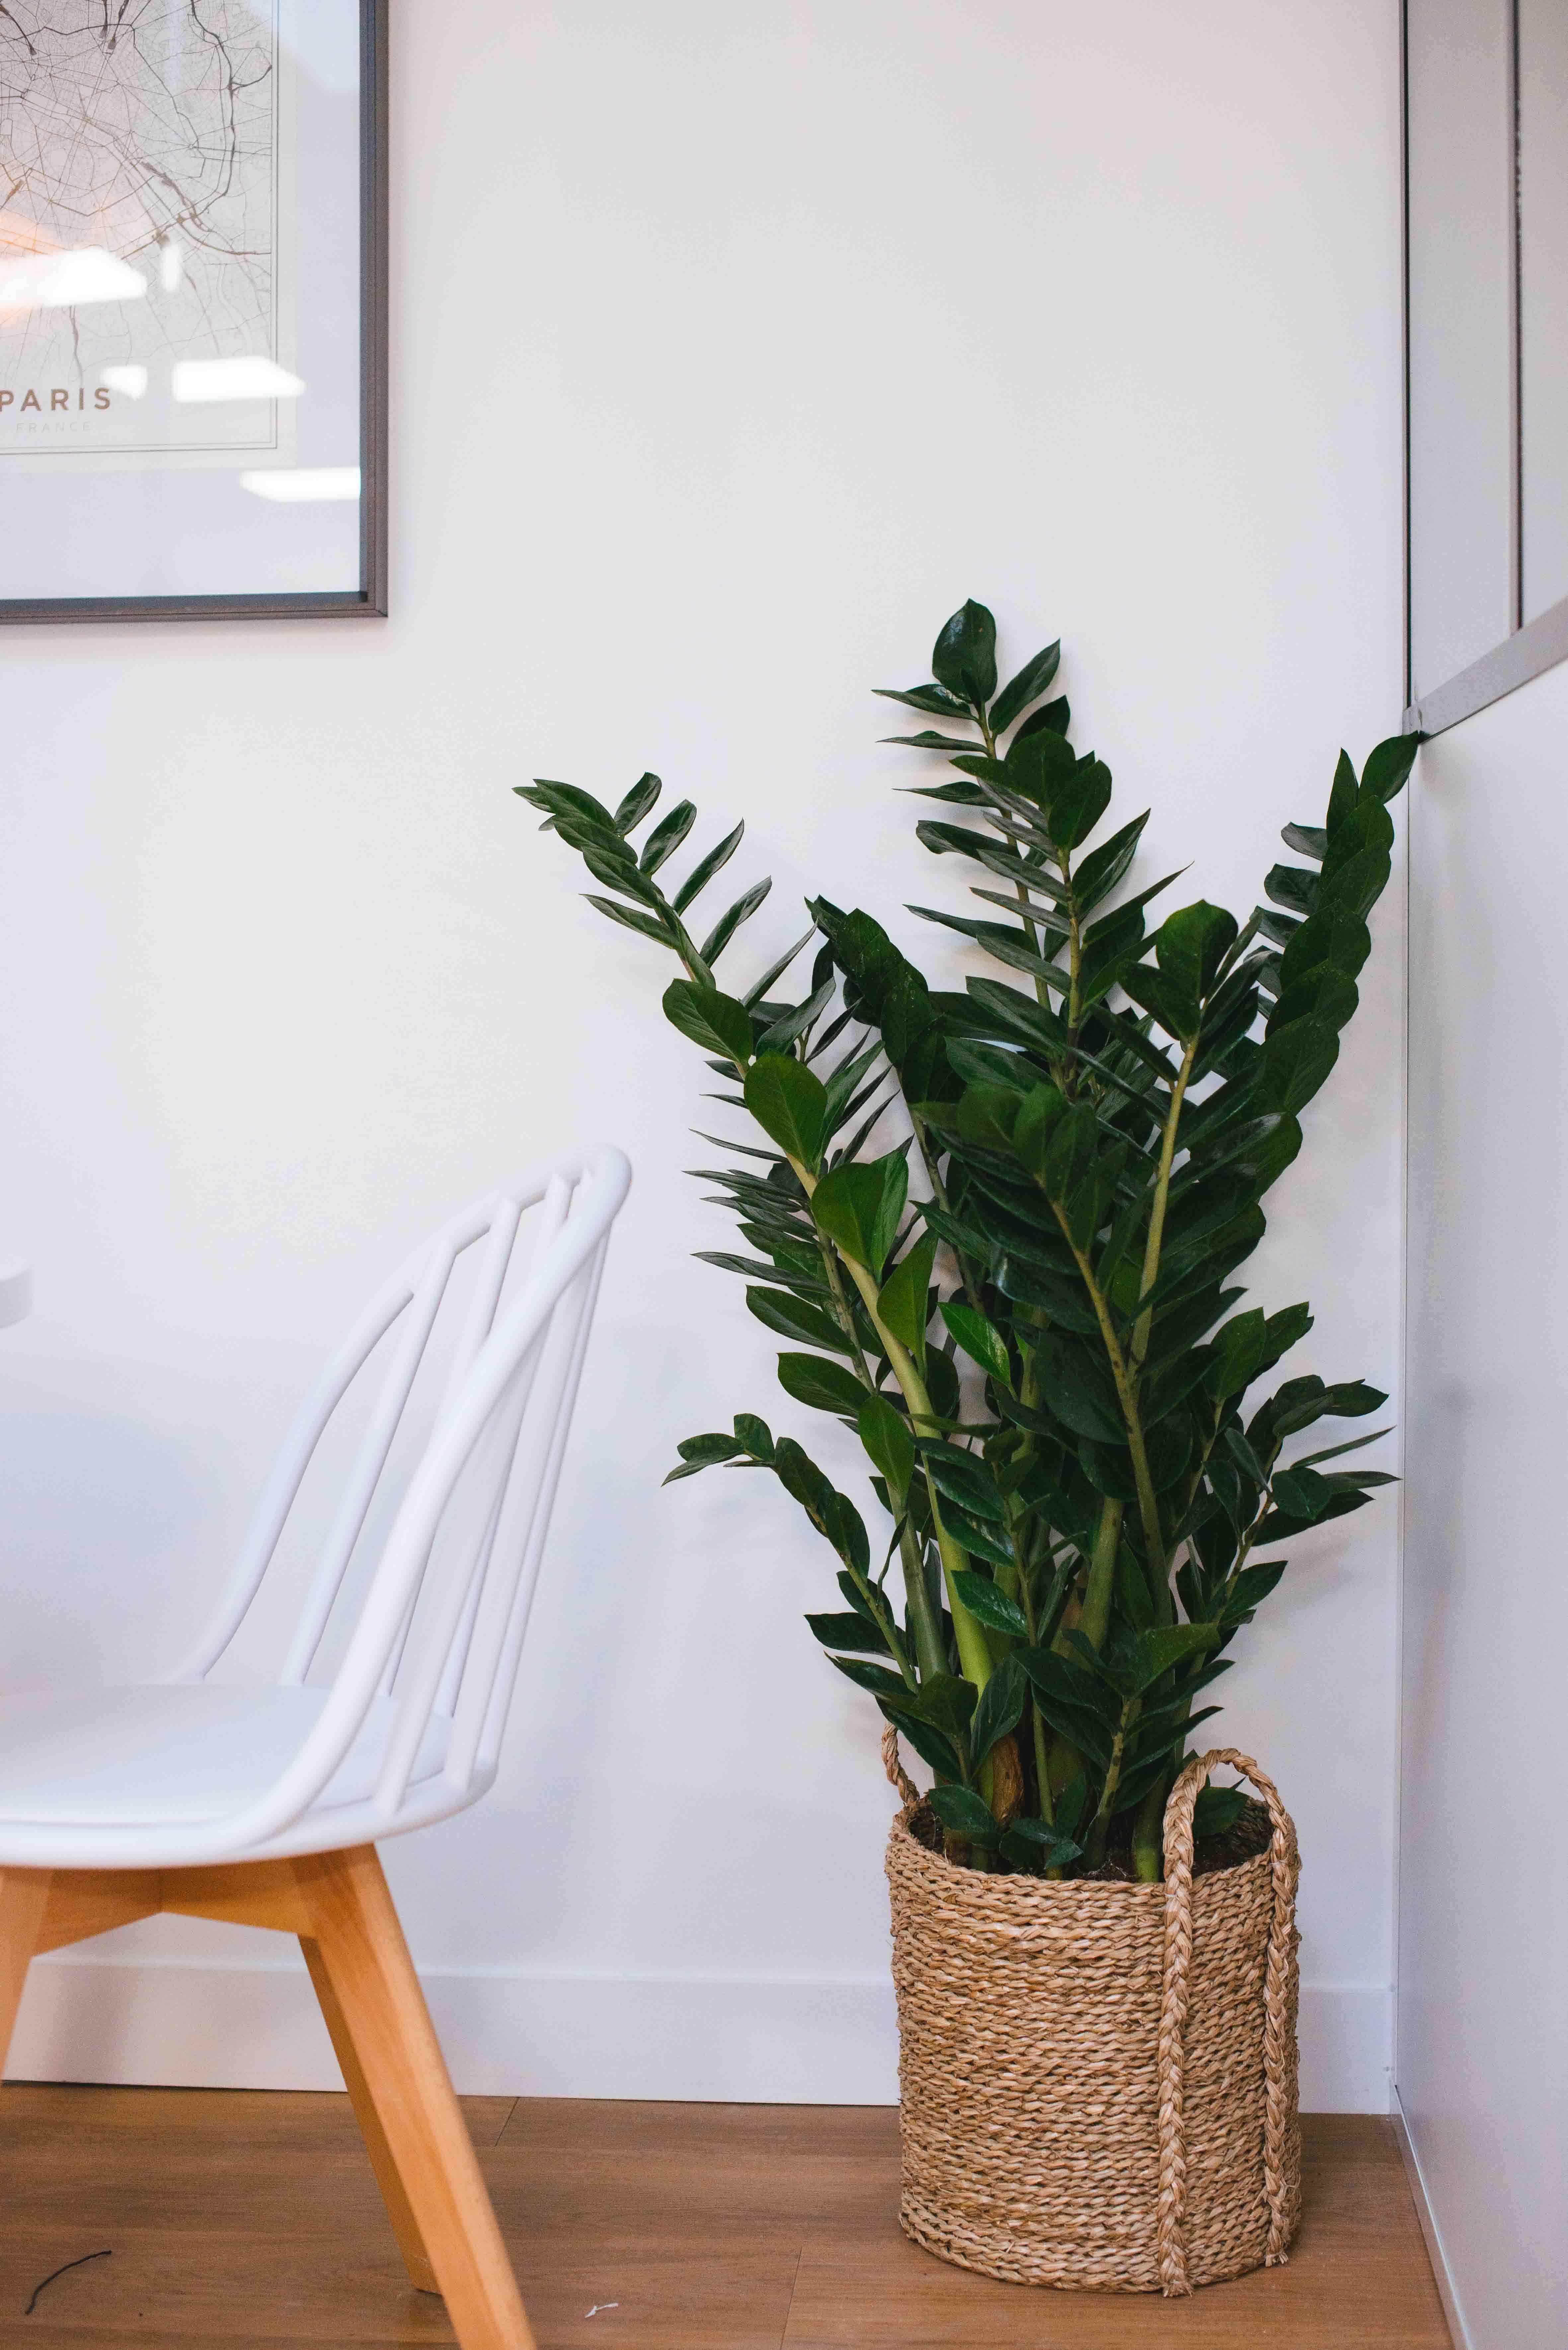 plante tropicale bureau végétalisation paris